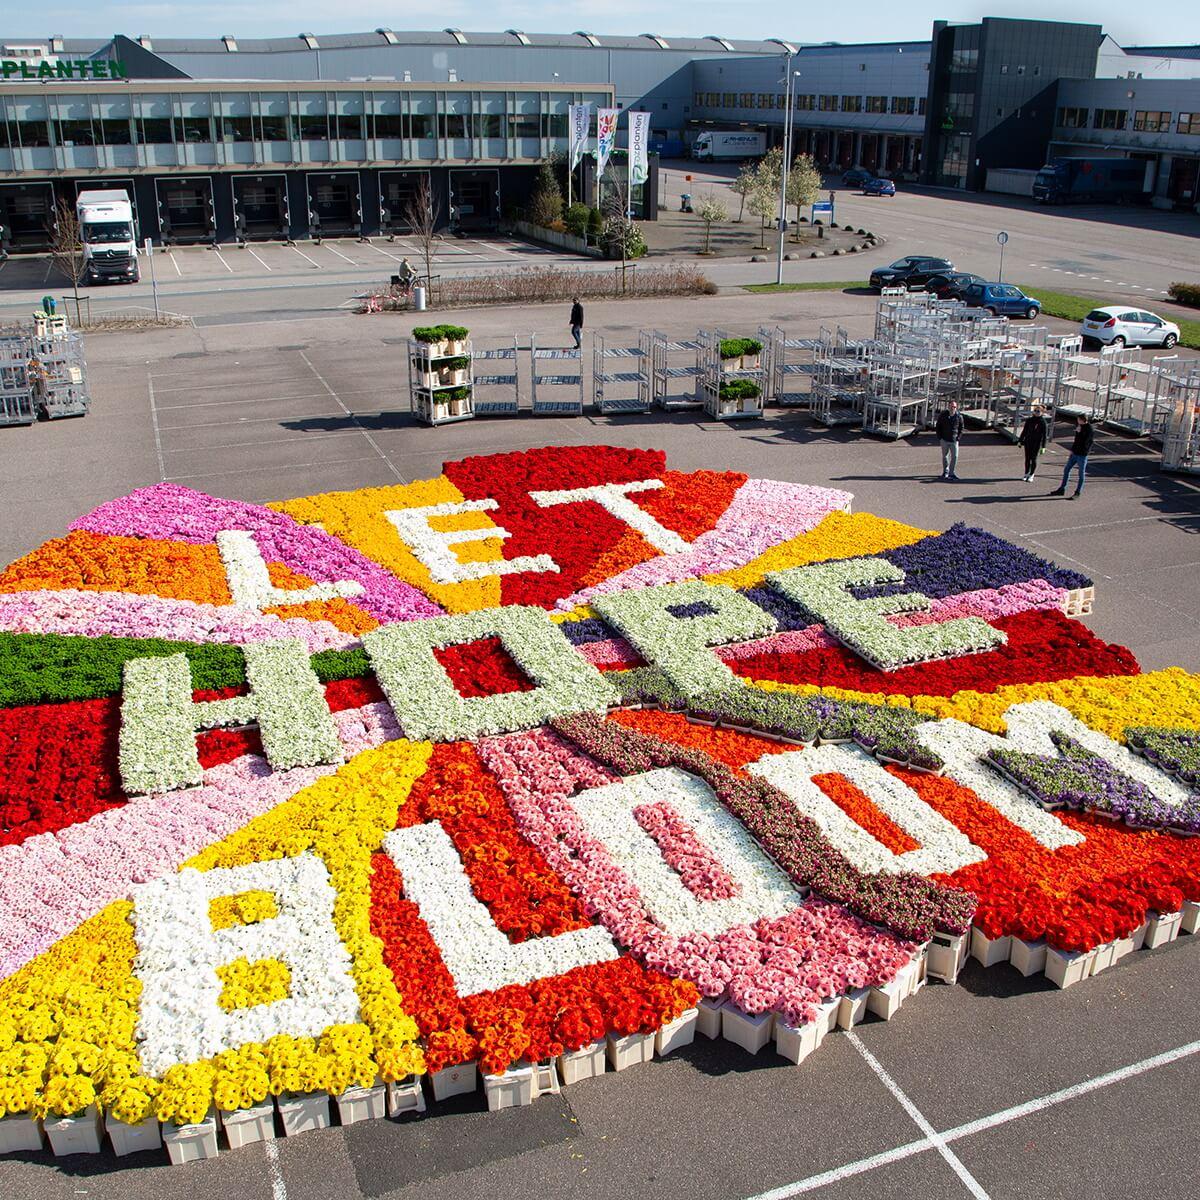 trabalho-de-arte-com-tulipas-chamado-let-hope-bloom